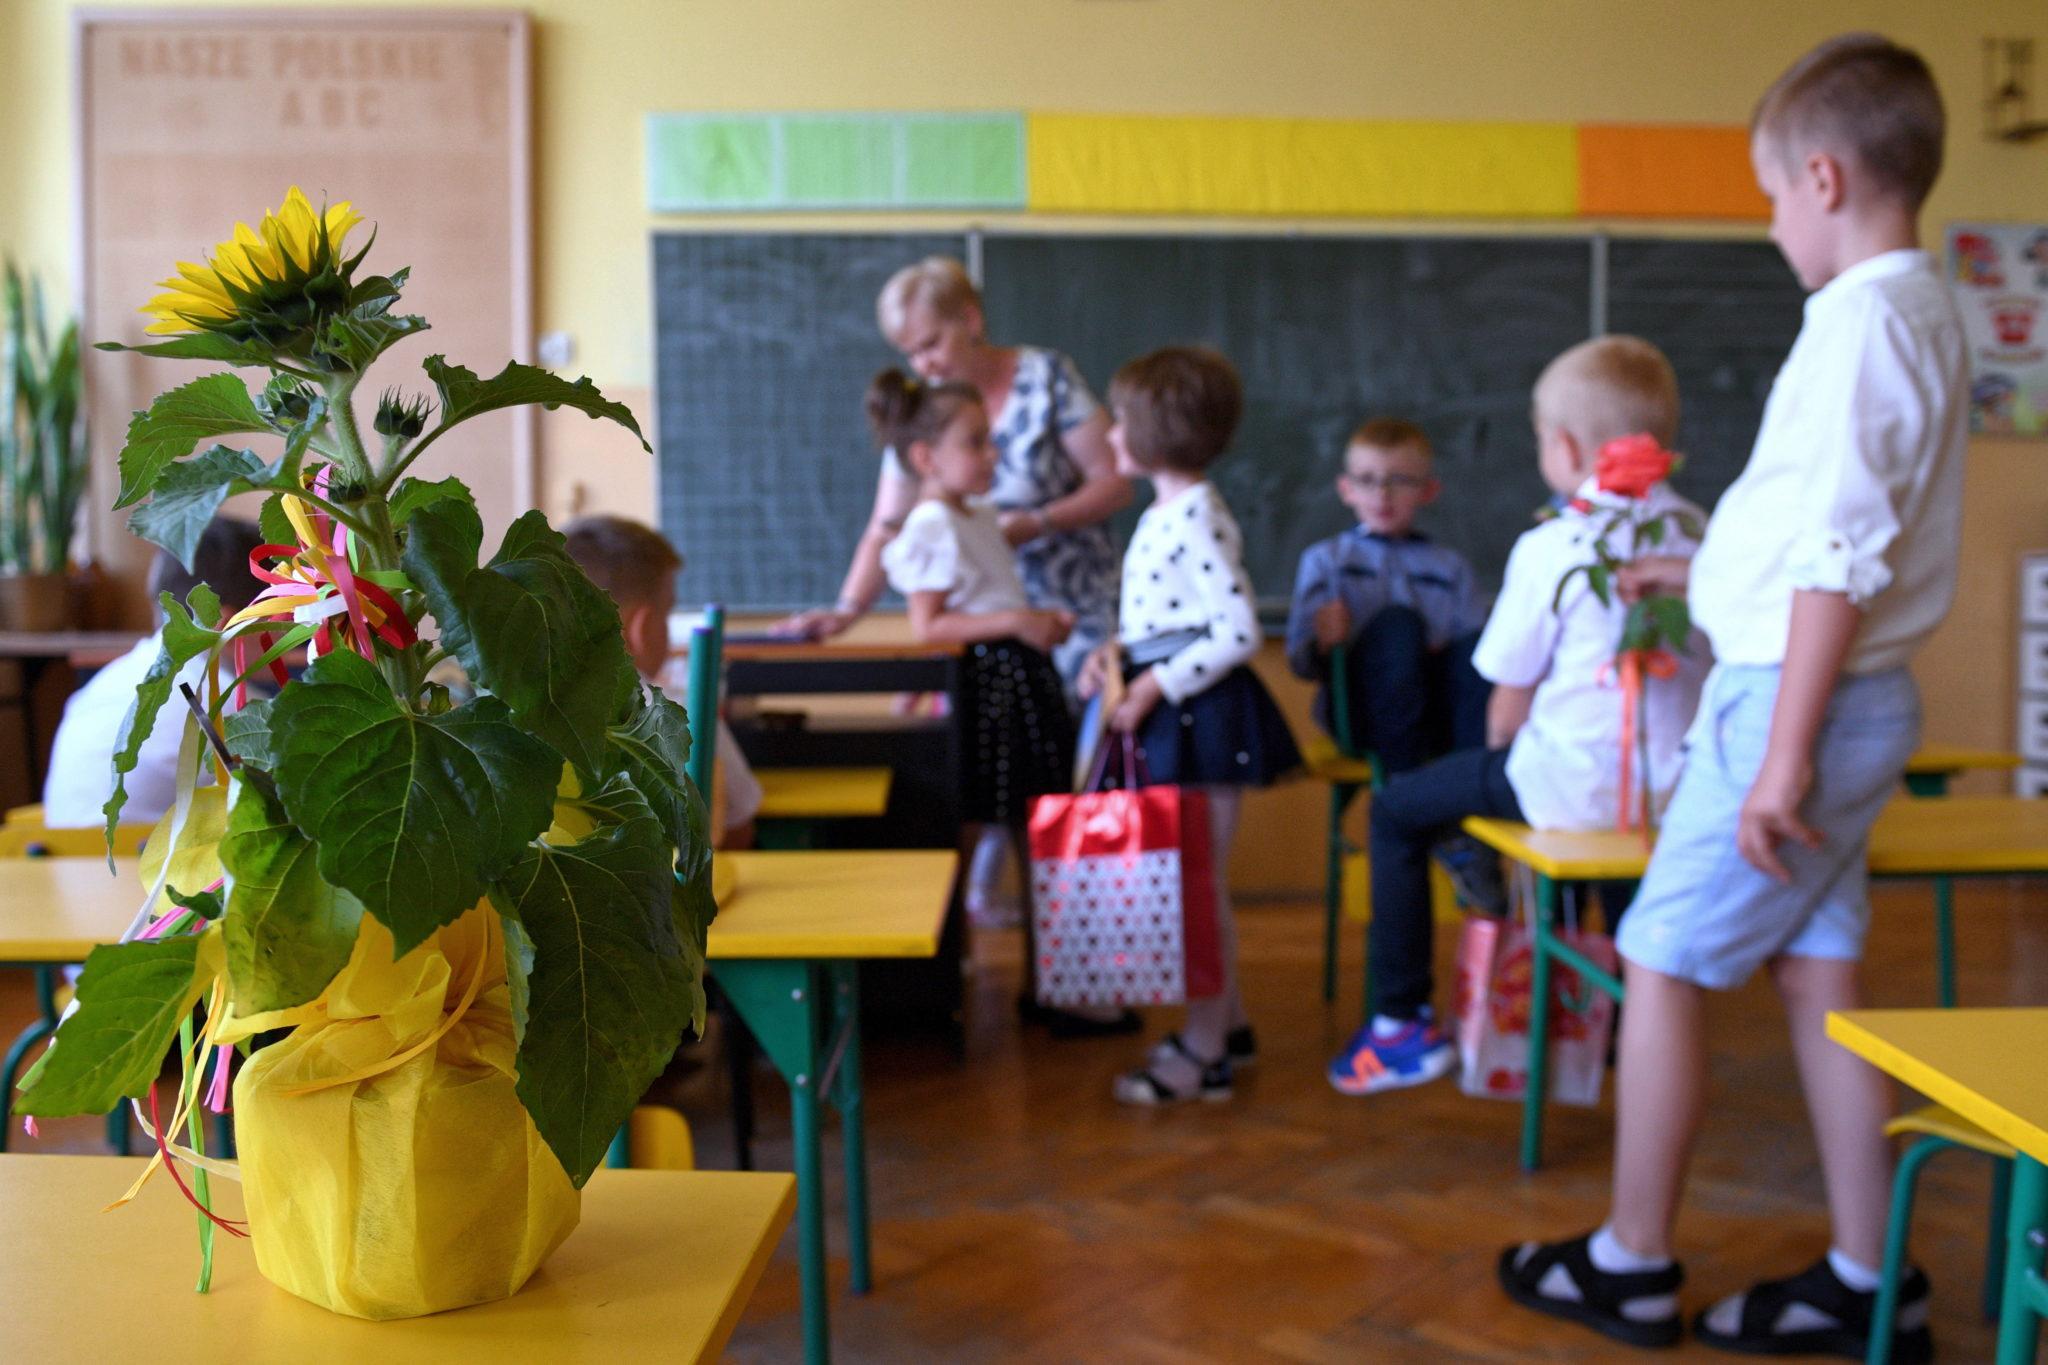 Czelatyce, uczniowie wiejskiej Szkoły Podstawowej wręczają kwiaty nauczycielom podczas, fot. Darek Delmanowicz, PAP